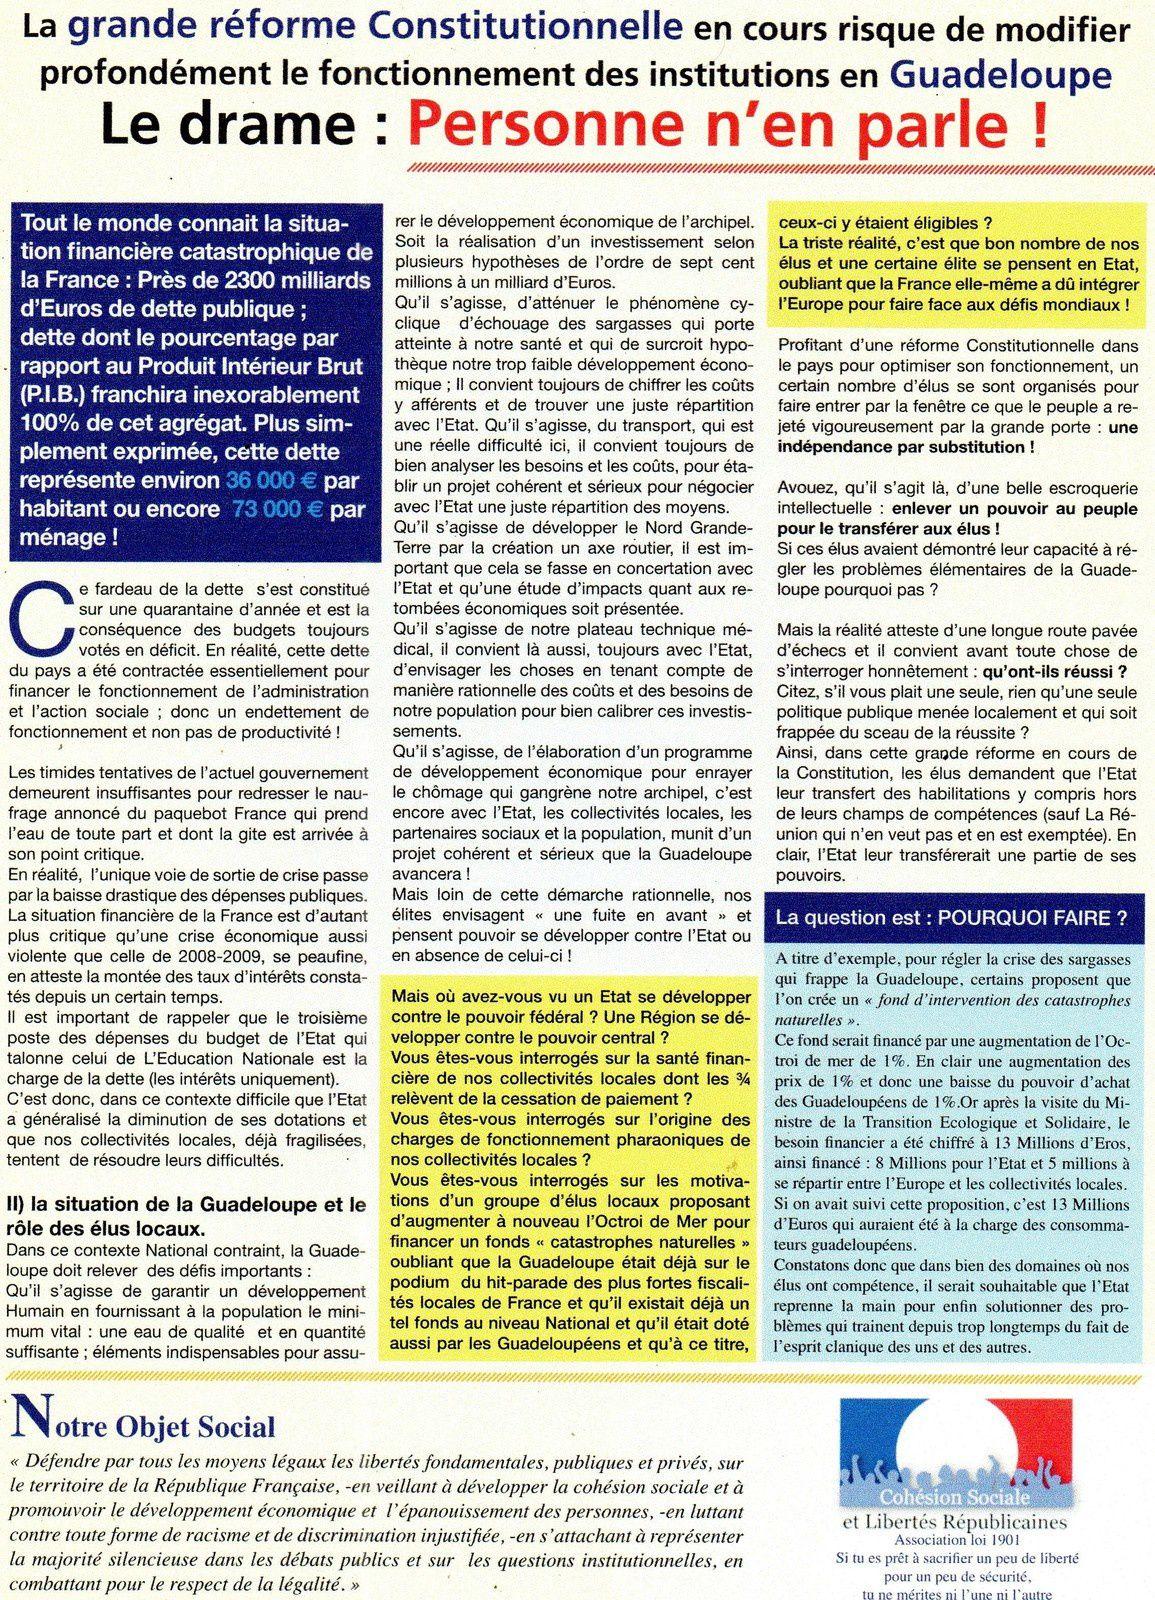 Les Enjeux de la réforme Constitutionnelle: Conférence débat sur le thème: Les Enjeux de la réforme Constitutionnelle.